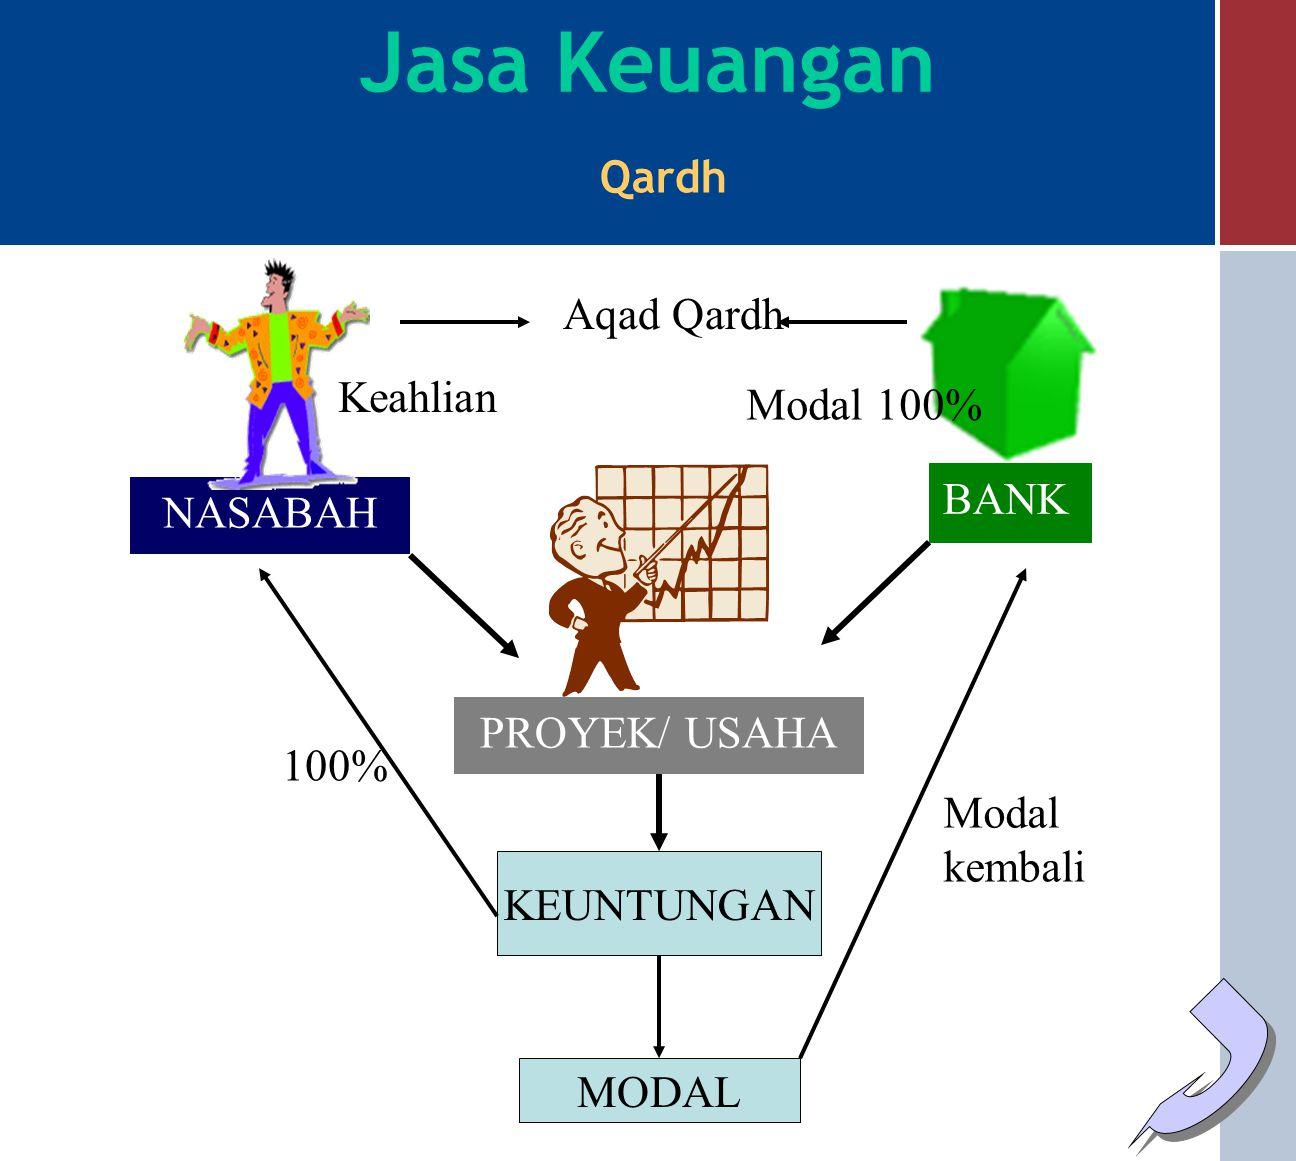 BANK NASABAH JAMINAN/BARANG YG DIGADAIKAN Menggadaikan barang Pinjaman/Pembiayaan Jasa Keuangan Rahn